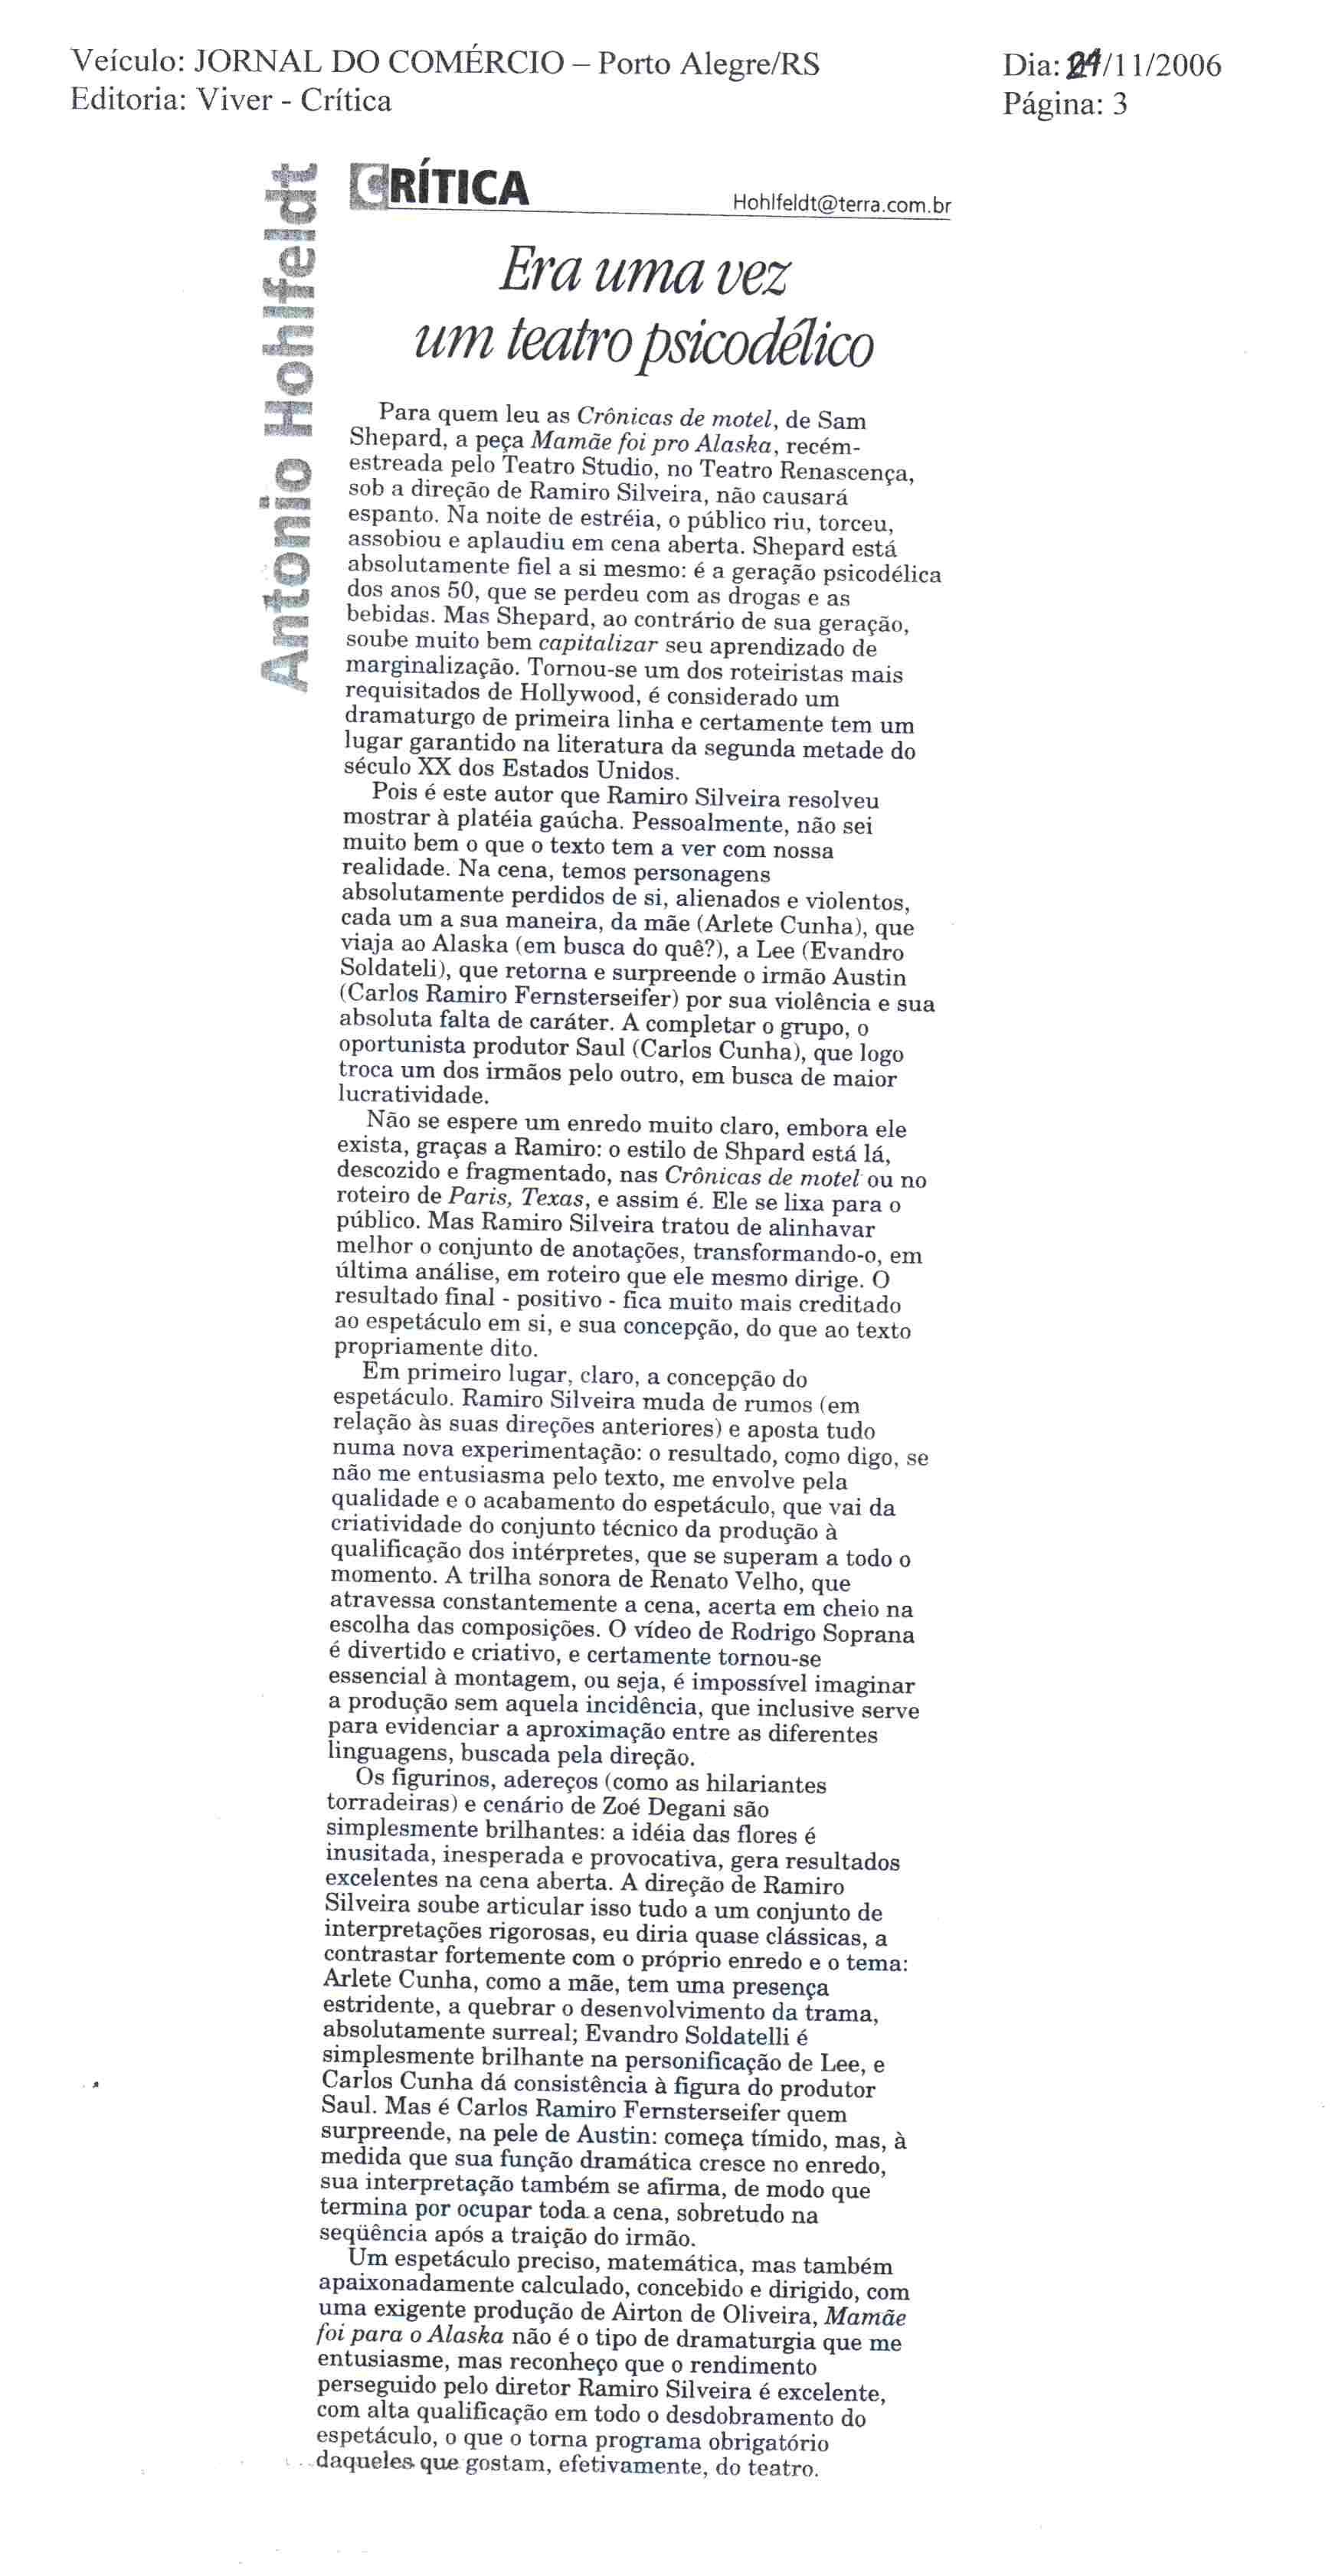 Jonal+do+Comércio+24.11.2006+-+Crítica.jpg